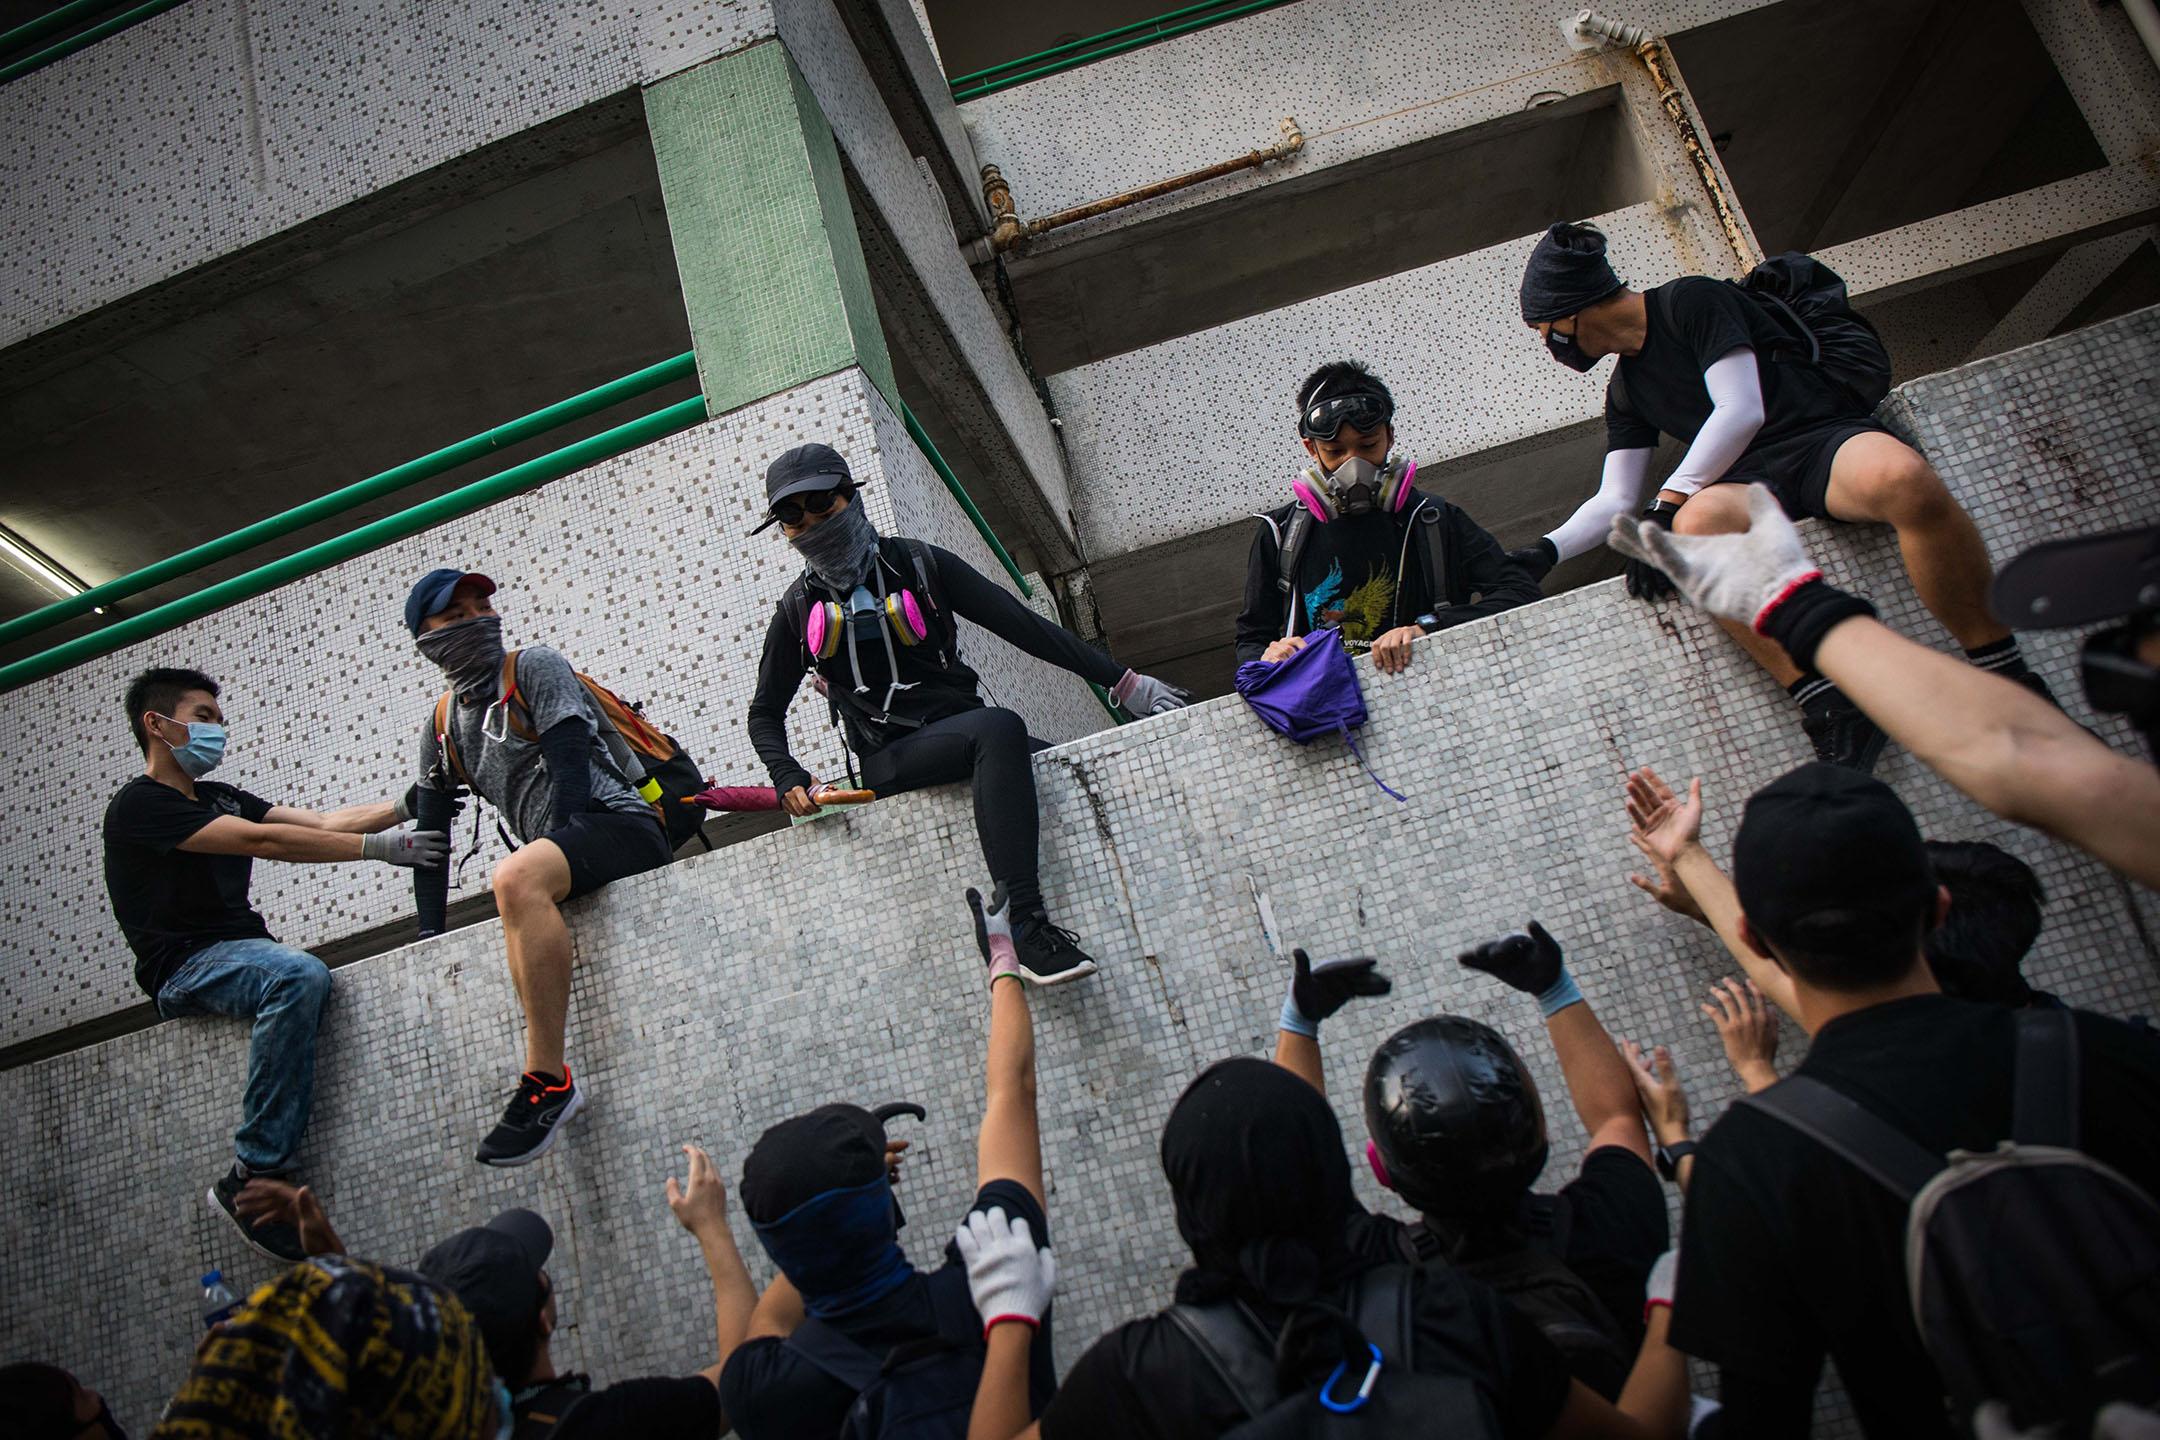 2019年9月21日,被警察追捕的示威者。 攝:陳焯煇 / 端傳媒